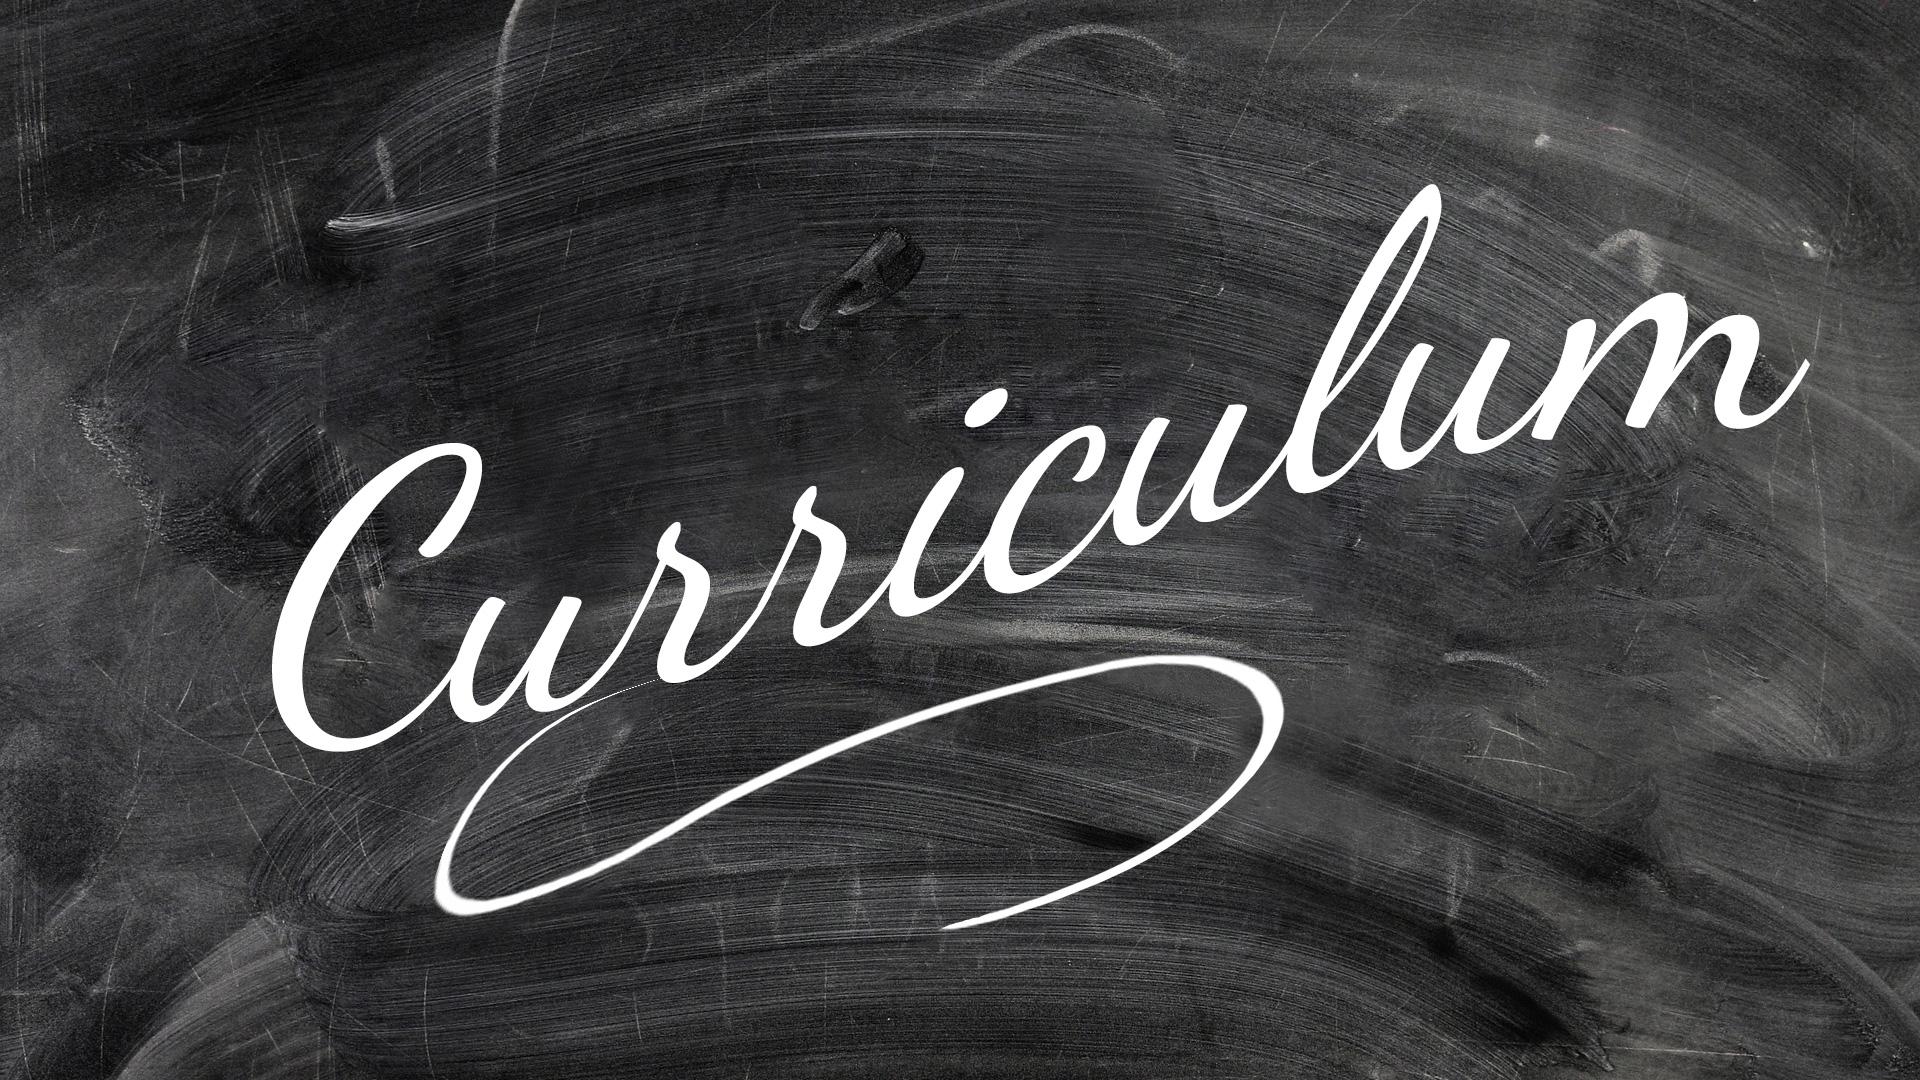 Anna Carignani - curriculum